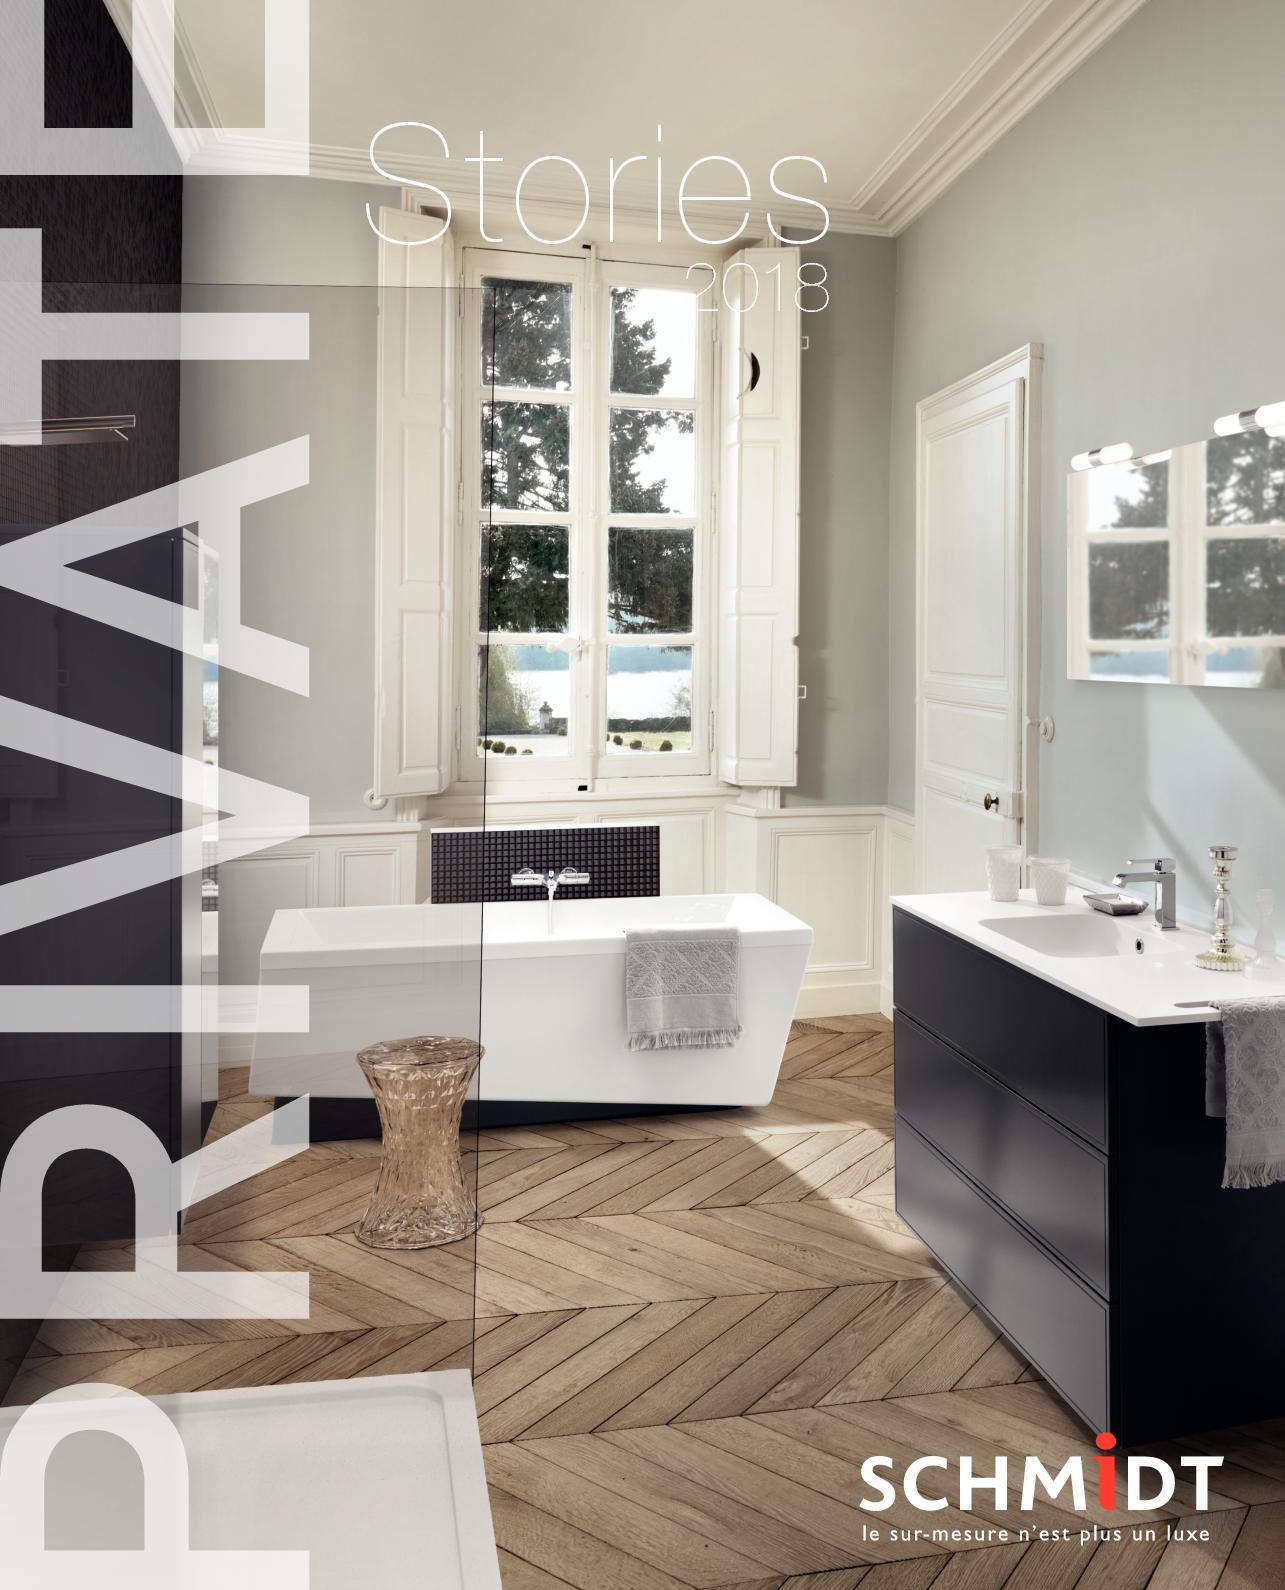 Calam o catalogue salle de bains schmidt 2018 - Meubles salle de bain schmidt ...